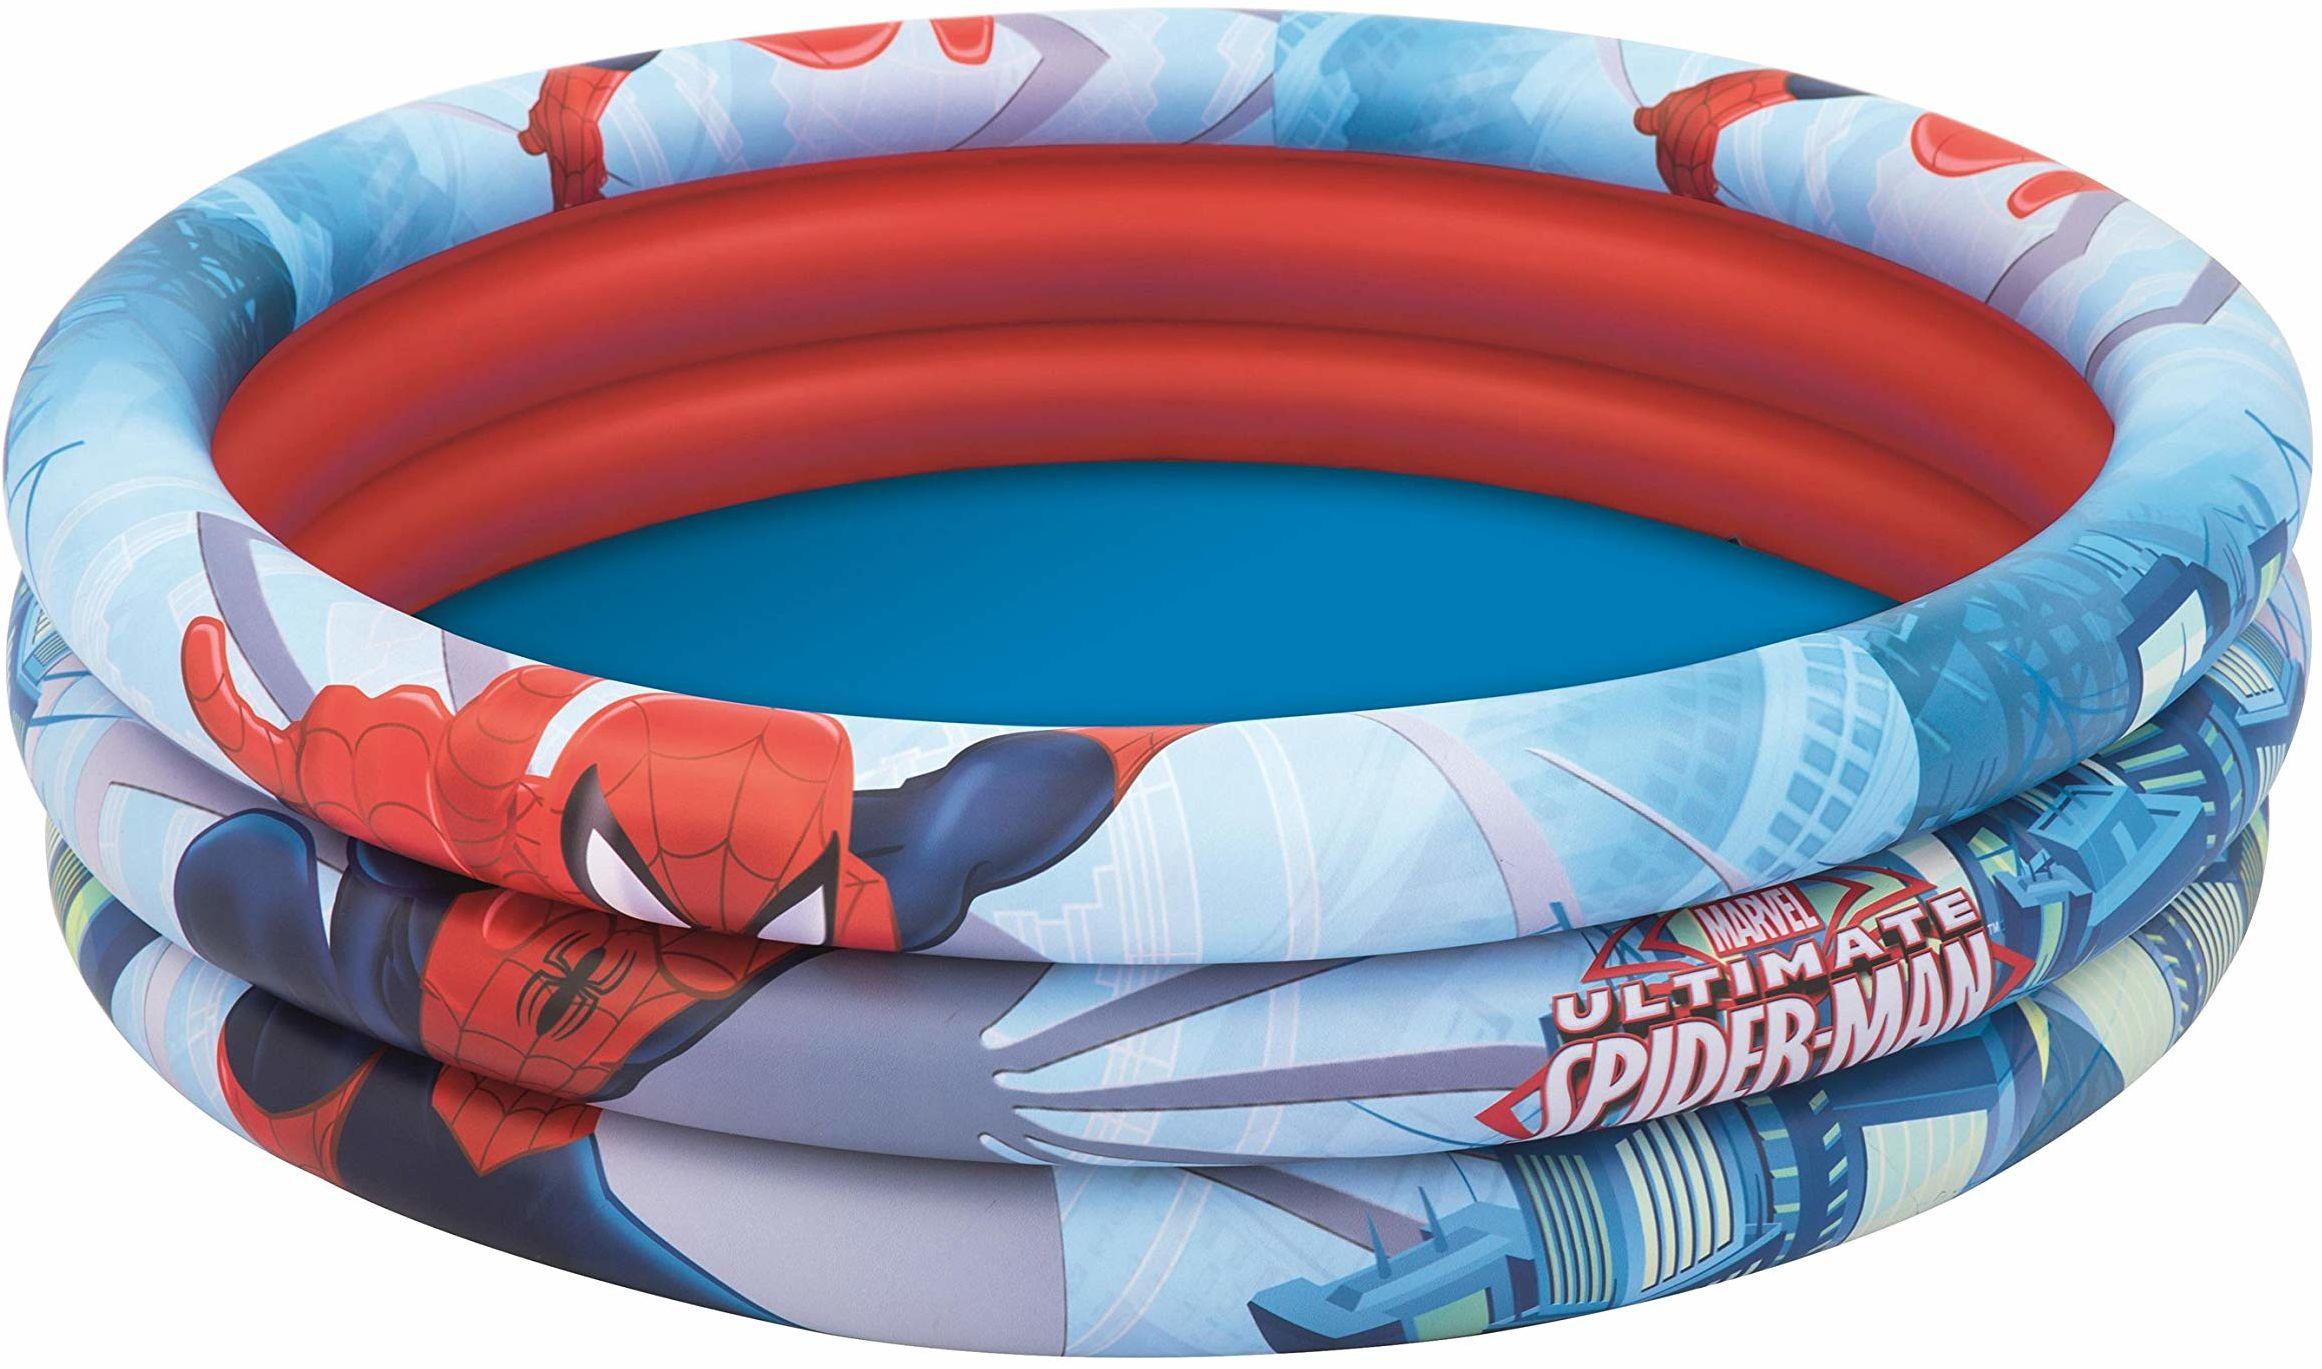 """Bestway 1098018XXX19 Spider-Man  48"""" X H12""""/ 1.22M X H30Cm 3-Ring Pool"""